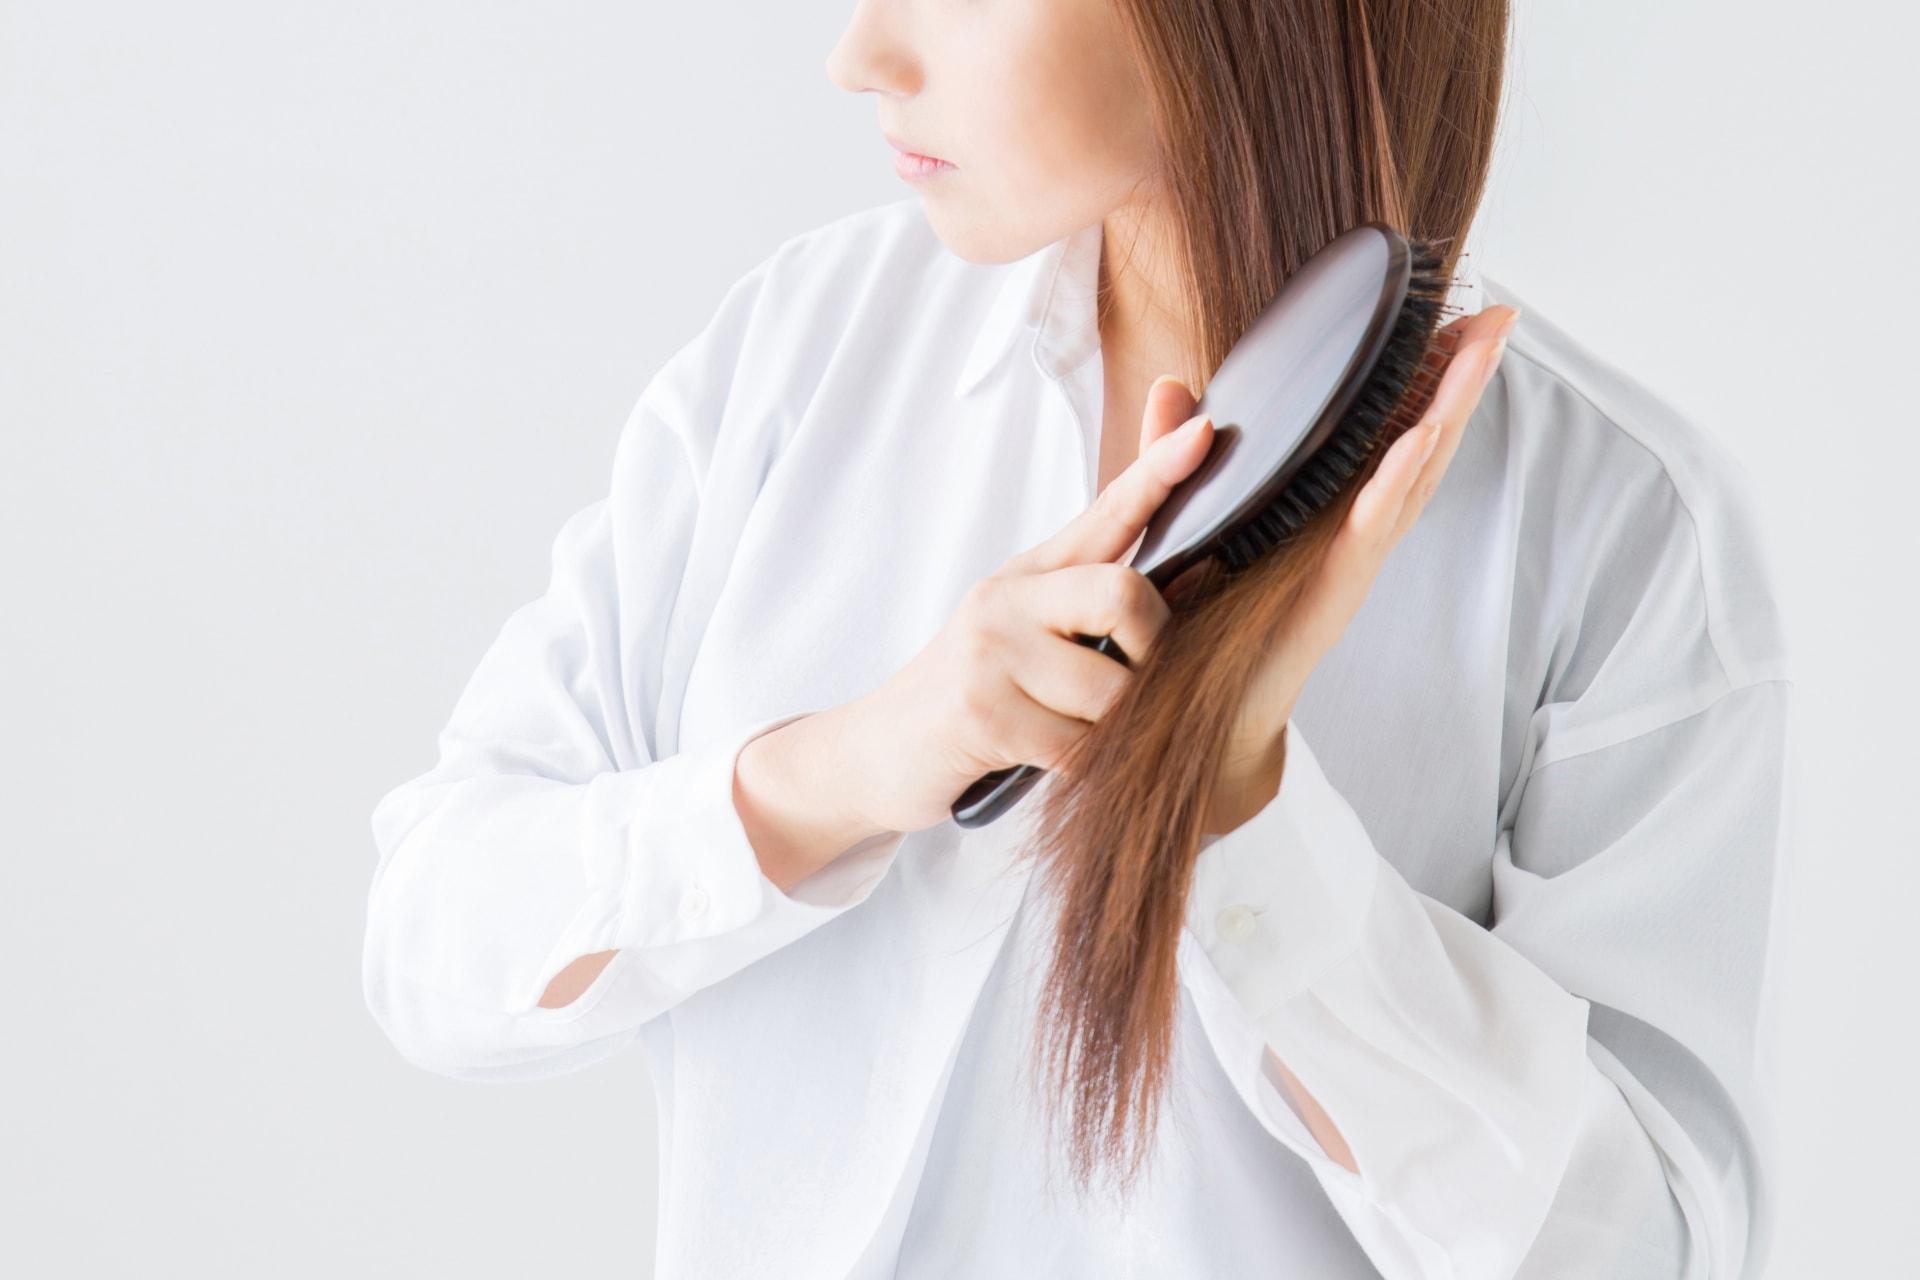 【薄毛の原因】女性の薄毛の原因の「女性型脱毛症」とは